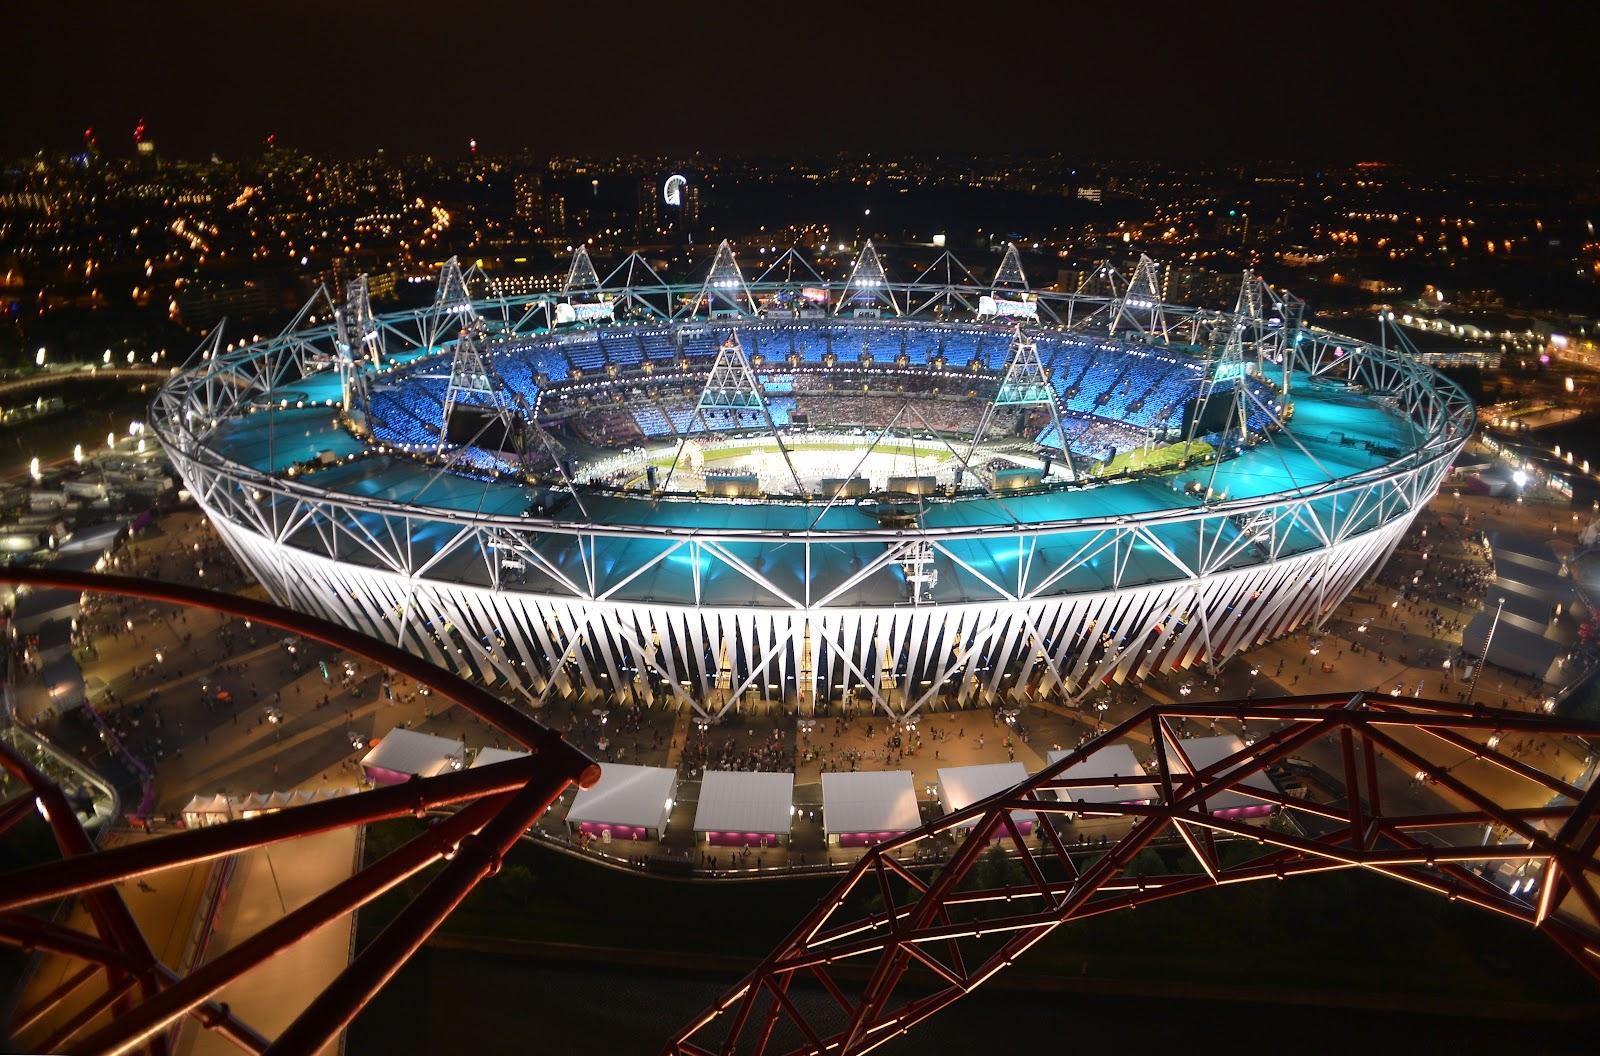 Vis le architecture urbanisme paysage patrimoine for Club de natation piscine parc olympique